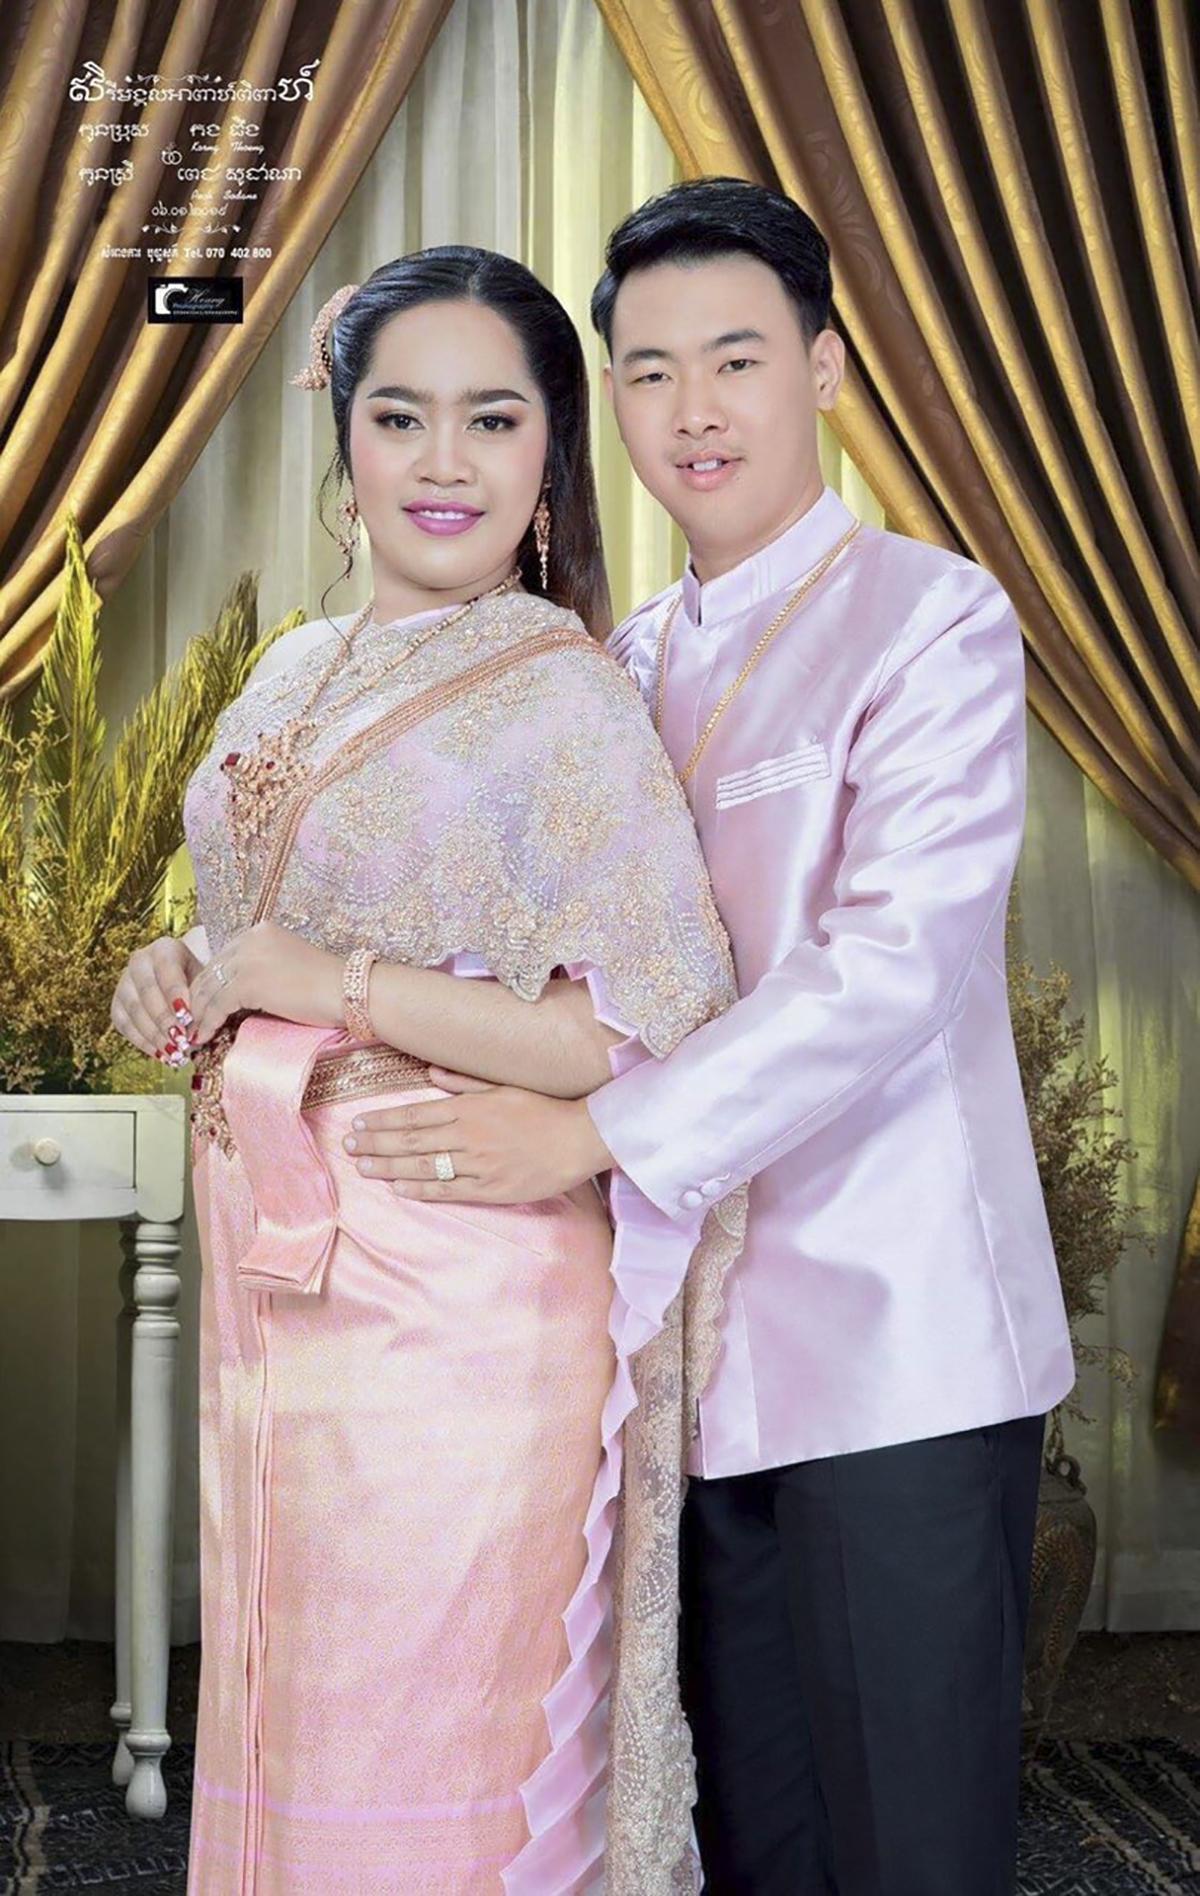 Cả hai đều là người bản địa Campuchia. Việc có chồng/vợ là đồng nghiệp theo anh chị là một lợi thế, cơ hội để hai người có thể hiểu và thông cảm cho công việc của nhau hơn. Sau hơn 5 năm đóng quân tại xứ sở Chùa Tháp, FPT Telecom Campuchia là nhà mạng cố định lớn nhất với sự hiện diện tại thủ đô Phnom Penh và 8 tỉnh lớn: Kandal, Sihanoukville, Battambang, Banteay Meanchey, Siem Reap, Kampong Thom, Kampong Cham. Trong những năm qua, đơn vị luôn ổn định về tốc độ phát triển, khả năng mở rộng hạ tầng mạng lưới và tinh thần của đội ngũ Opennet.